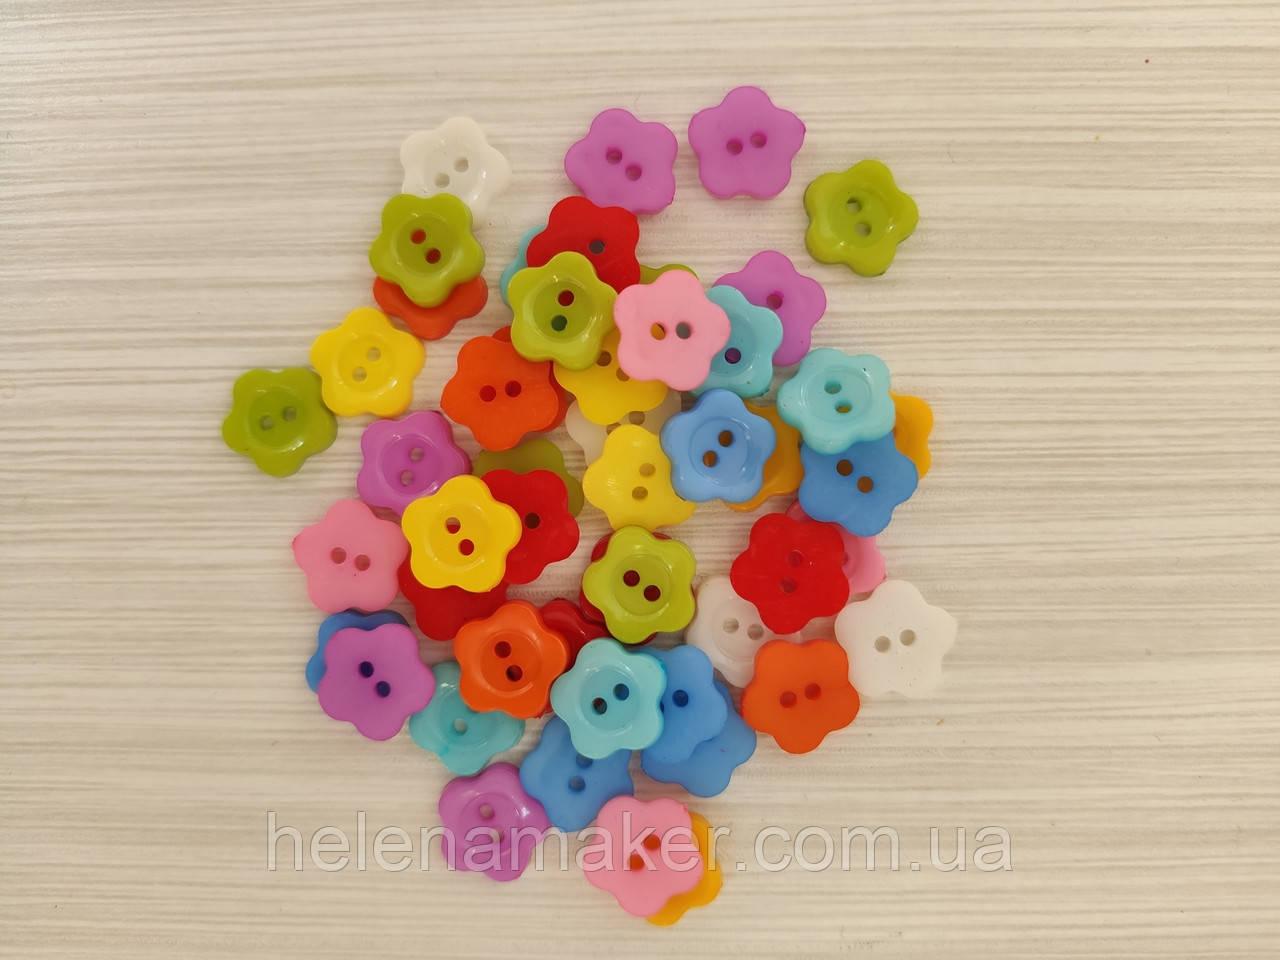 Набор пластиковых пуговиц Цветочкм 12 мм 10 шт